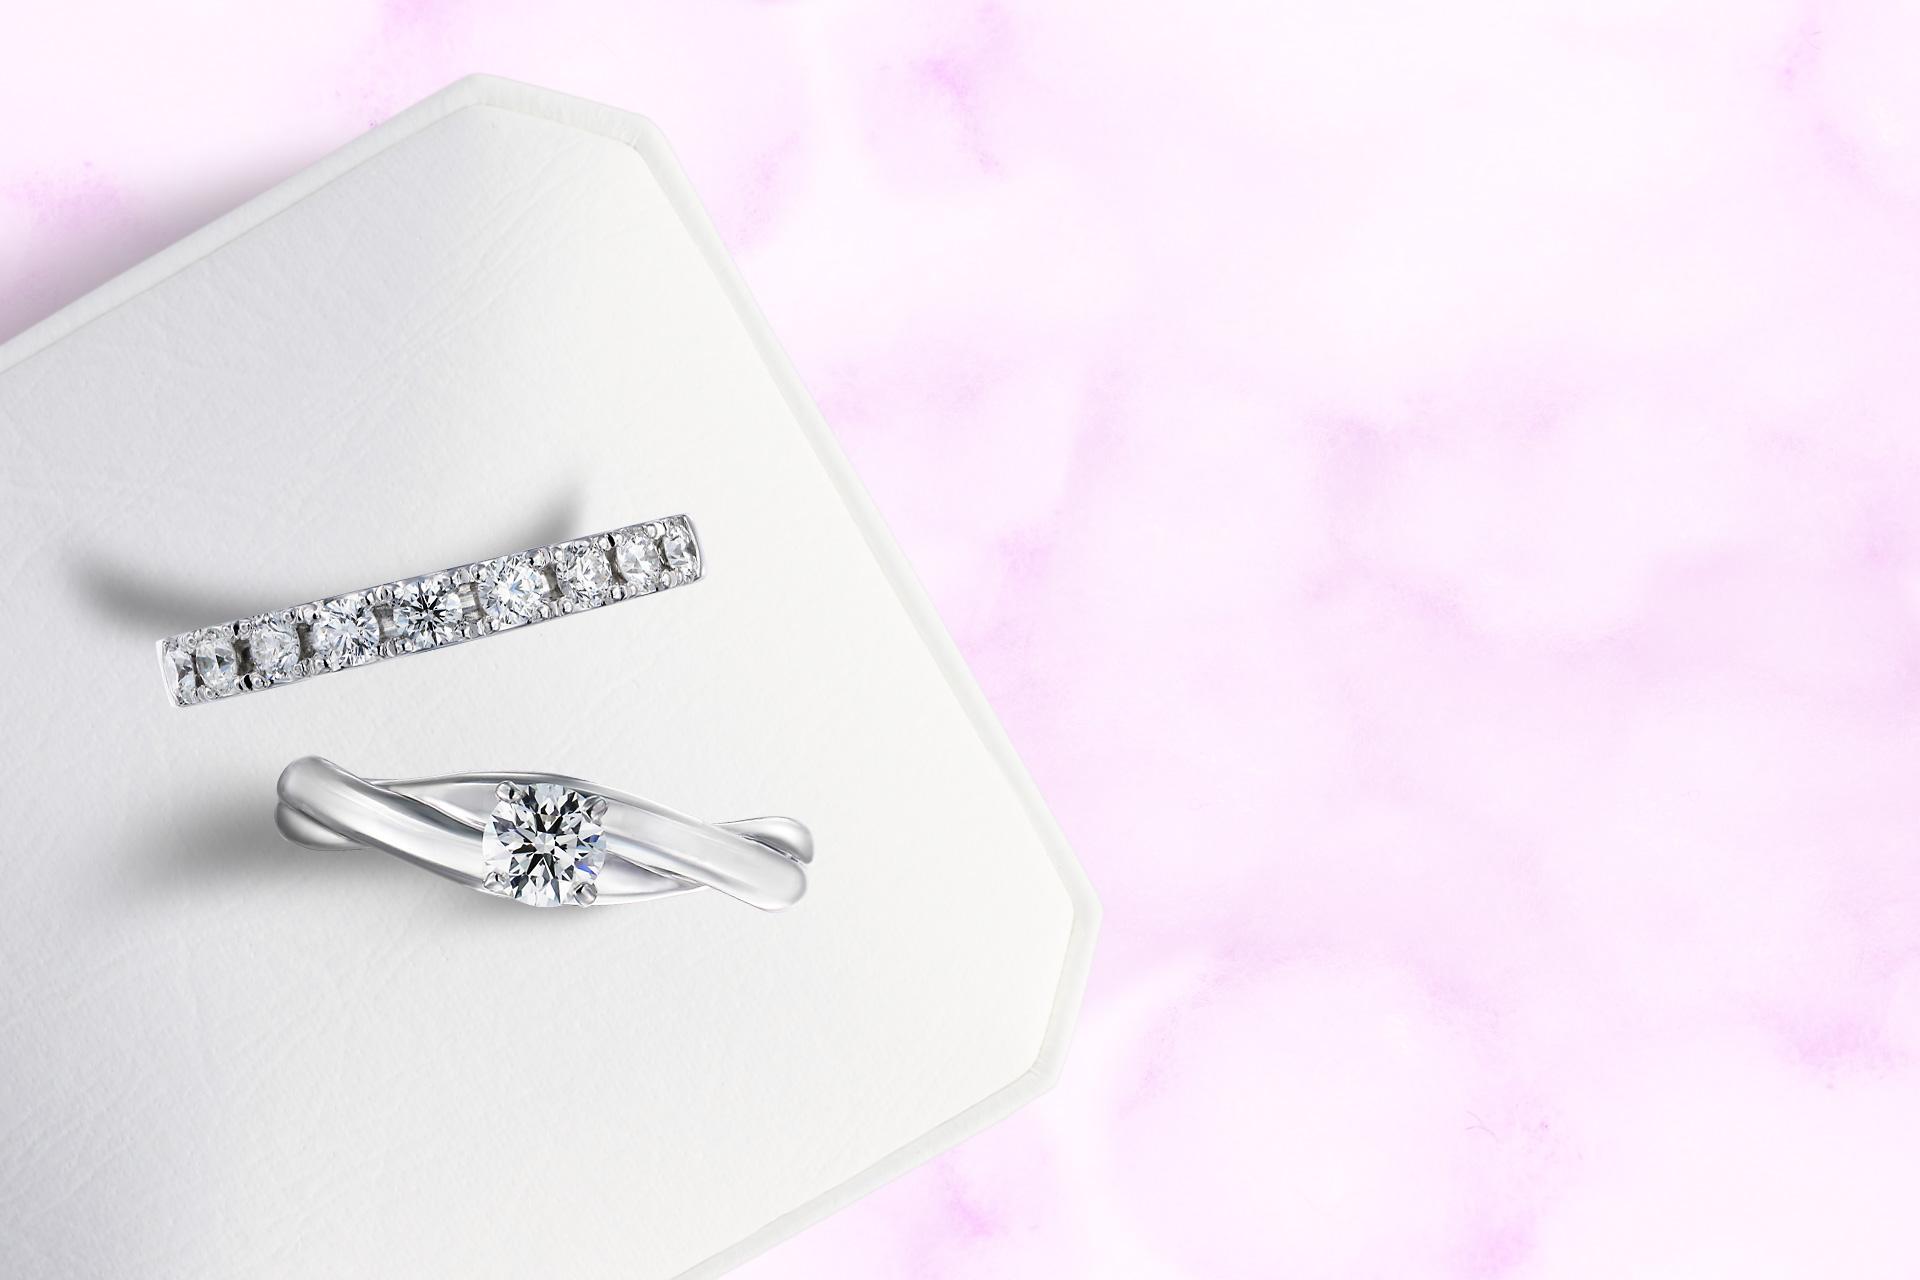 エンゲージリング、エタニティリングは永遠の愛の証し。厳選したダイヤモンドの美しさを是非ご覧ください。